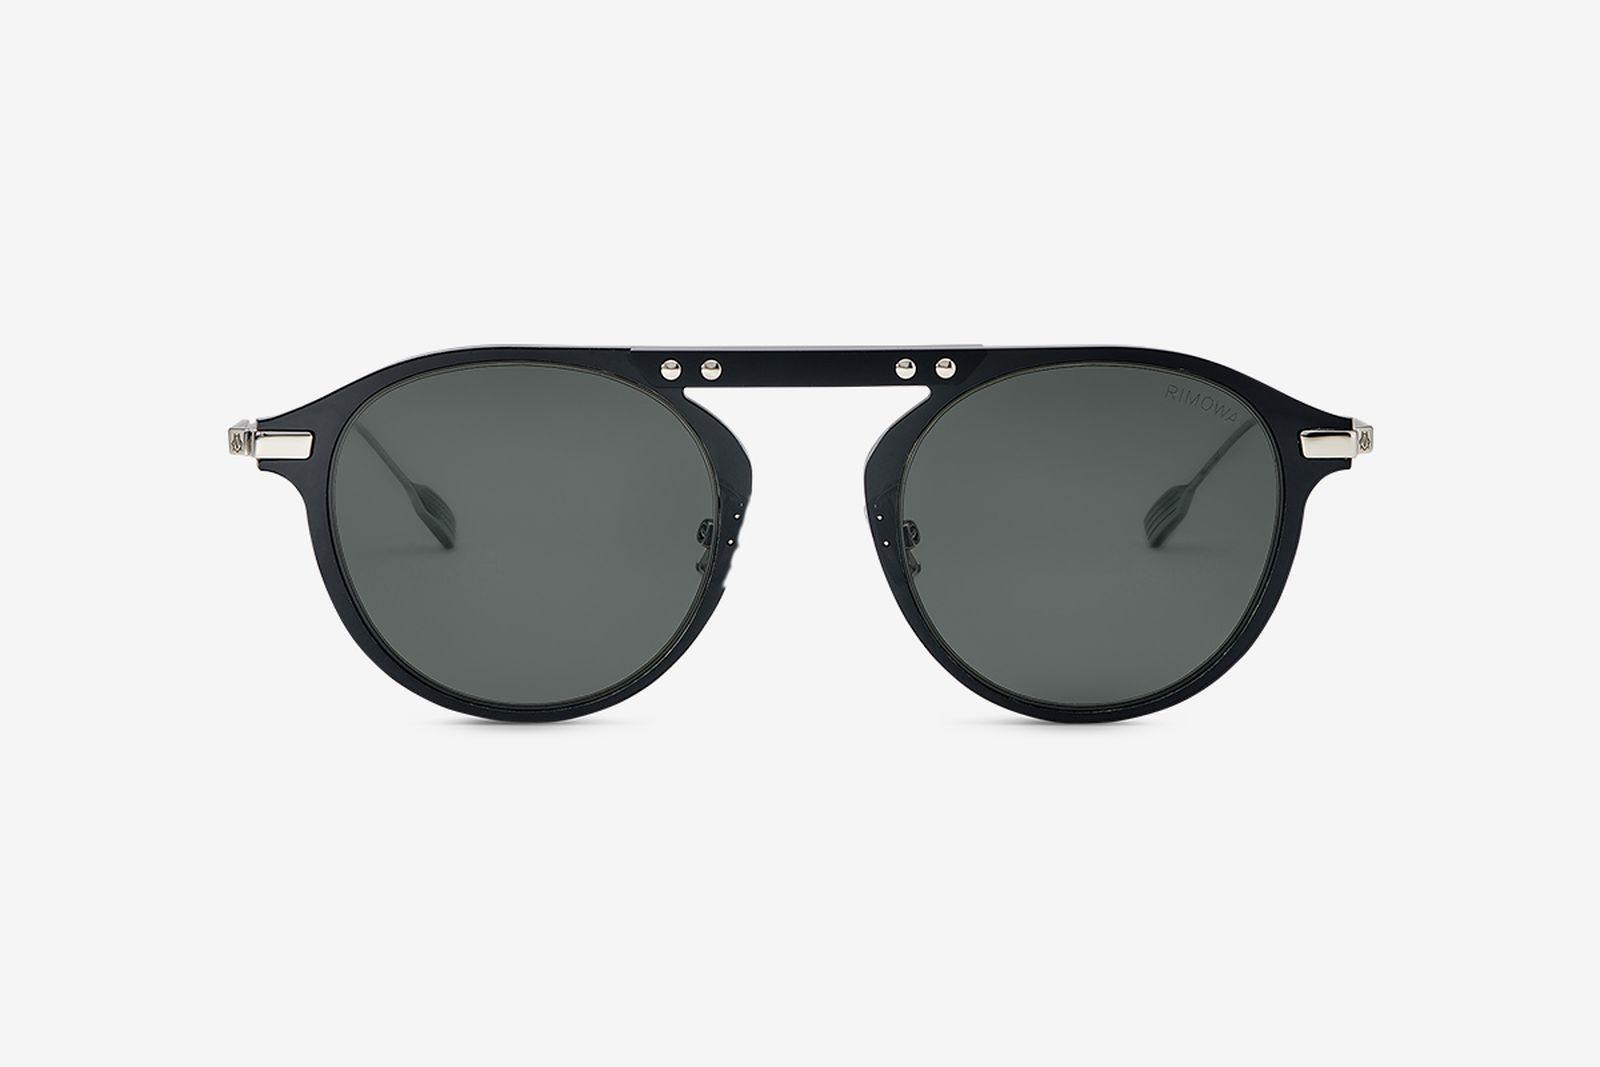 rimowa-eyewear-16